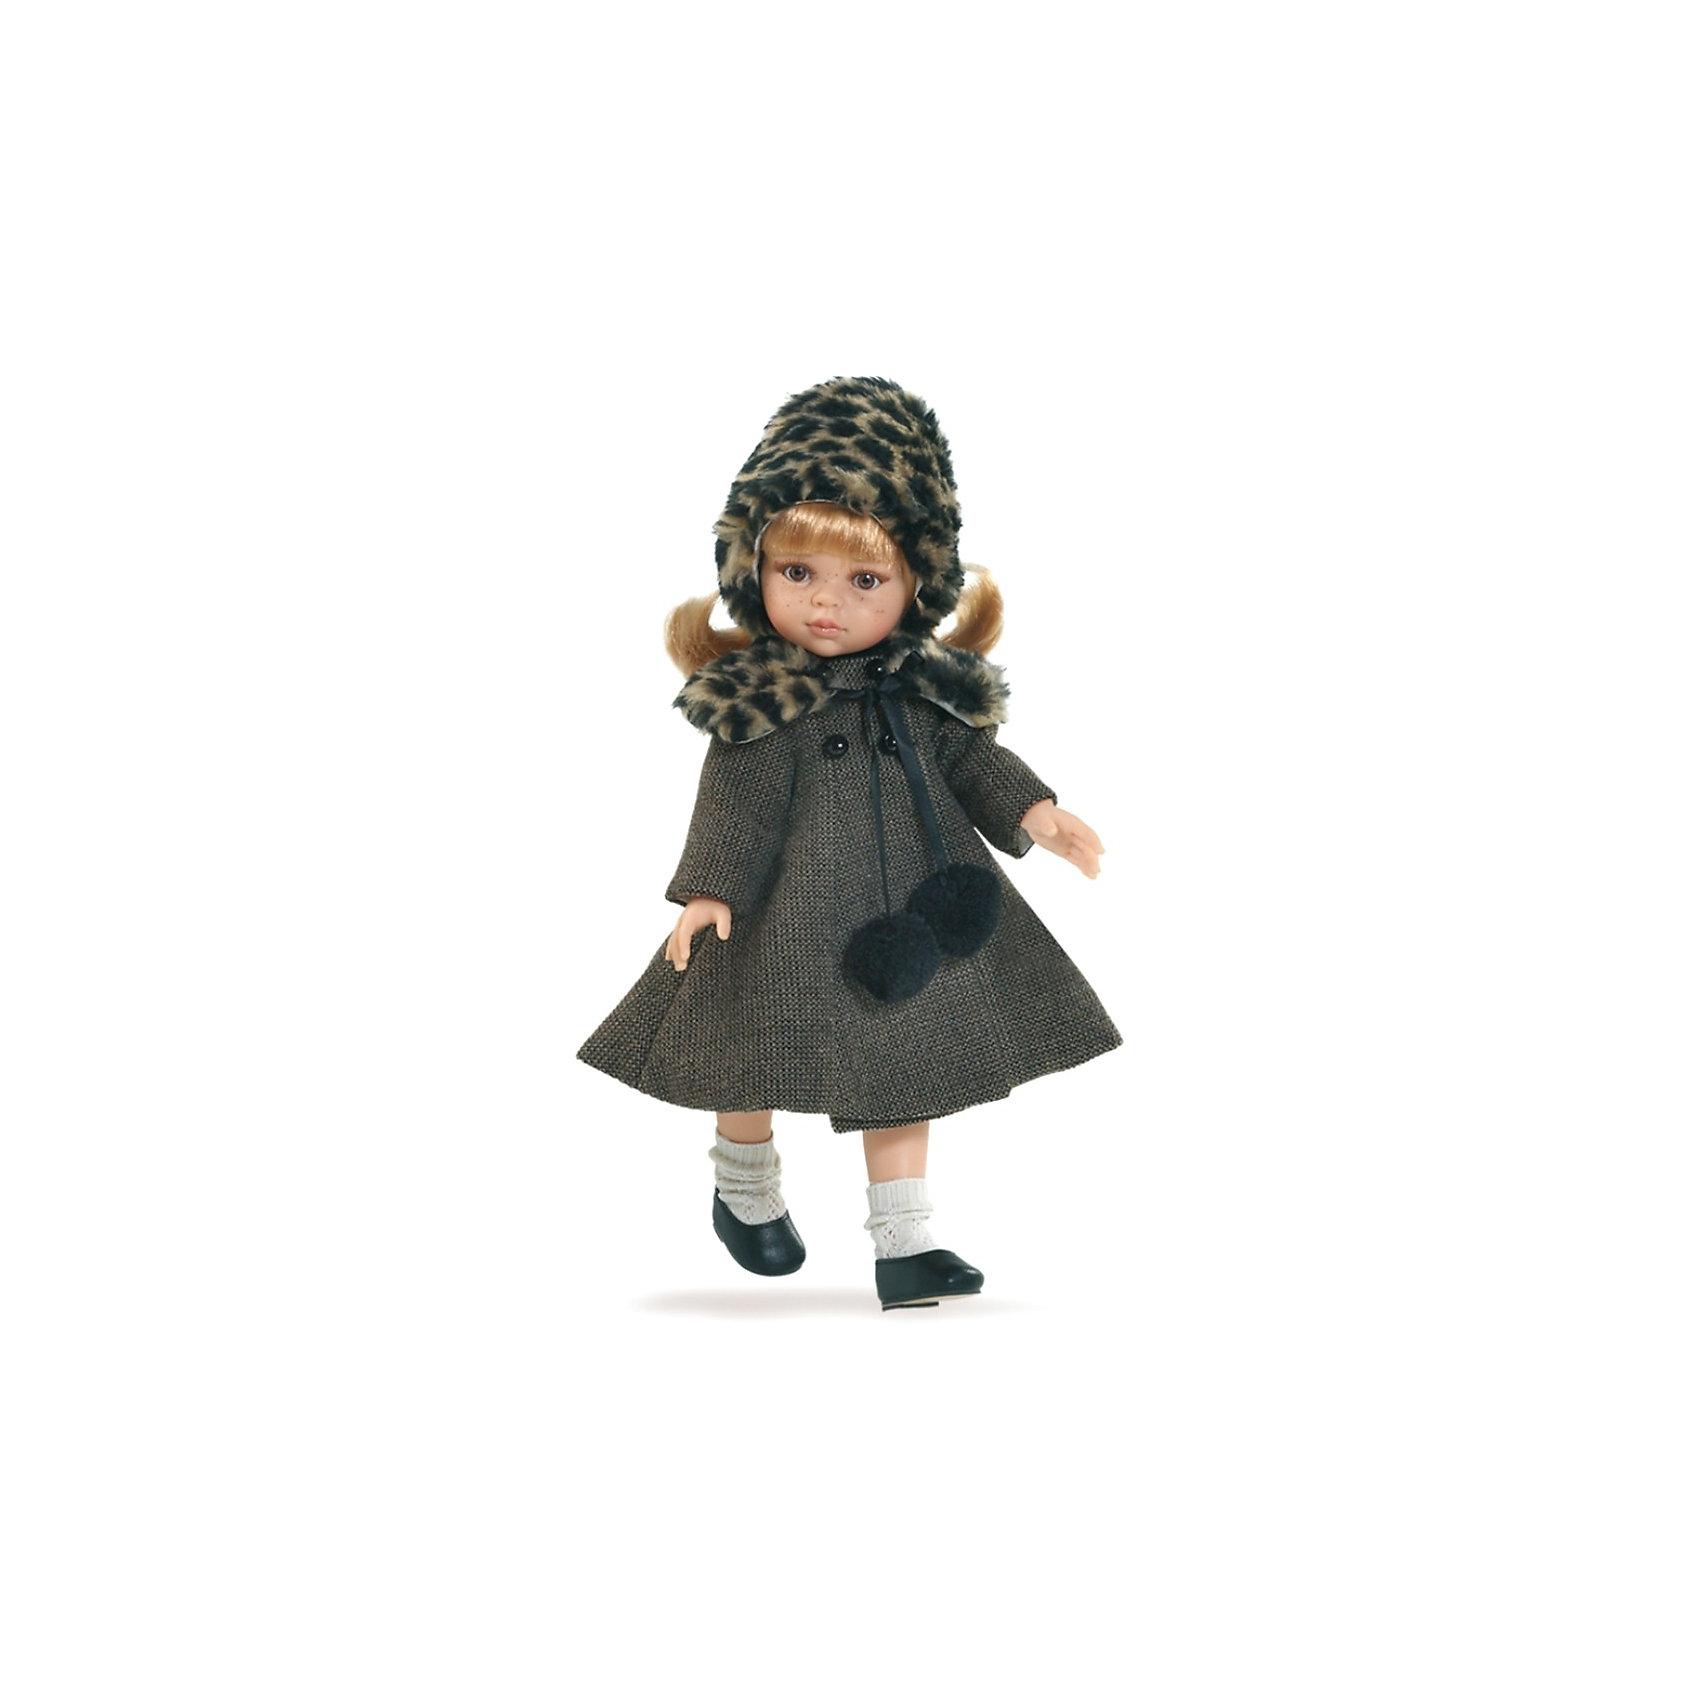 Кукла Даша, 32см, Paola ReinaКукла Даша, 32см, Paola Reina (Паола Рейна) - очень красивая кукла, настоящая маленькая модница. Она одета в легкое осеннее пальто с пушистым меховым воротником. Из такого же меха сделана и шапочка из под которой выбиваются длинные белокурые волосы. На ногах - белые гольфы и черные балетки. Дополняем образ юной модницы изысканный аромат ванили. Кукла имеет уникальный, неповторимый дизайн лица и тела - все мельчайшие делали идеально выполнены и проработаны.<br>Кукла отличается высоким качеством и производится из высококачественного винила без вредных эфирных соединений и безопасна для детей.<br><br>Дополнительная информация:<br><br>- Ручная работа (ресницы, веснушки, щечки, губы, прическа) делает кукол от Paola Reina настолько натуральными, что их лицо выглядит совсем как живое<br>- Ножки, ручки и голова поворачиваются<br>- Глаза не закрываются<br>- Волосы очень похожи на натуральные, они легко расчесываются и блестят<br>- Эксклюзивная одежда из высококачественного текстиля<br>- Материалы: кукла изготовлена из винила, глаза выполнены в виде кристалла из прозрачного твердого пластика, волосы сделаны из высококачественного нейлона<br>- Национальность: европейка<br>- Рост куклы: 32 см.<br>- Упакована в картонную коробку с окошком<br>- Качество подтверждено нормами безопасности EN17 ЕЭС<br><br>Куклу Дашу, 32см, Paola Reina (Паола Рейна) можно купить в нашем интернет-магазине.<br><br>Ширина мм: 105<br>Глубина мм: 225<br>Высота мм: 405<br>Вес г: 667<br>Возраст от месяцев: 36<br>Возраст до месяцев: 144<br>Пол: Женский<br>Возраст: Детский<br>SKU: 3816431